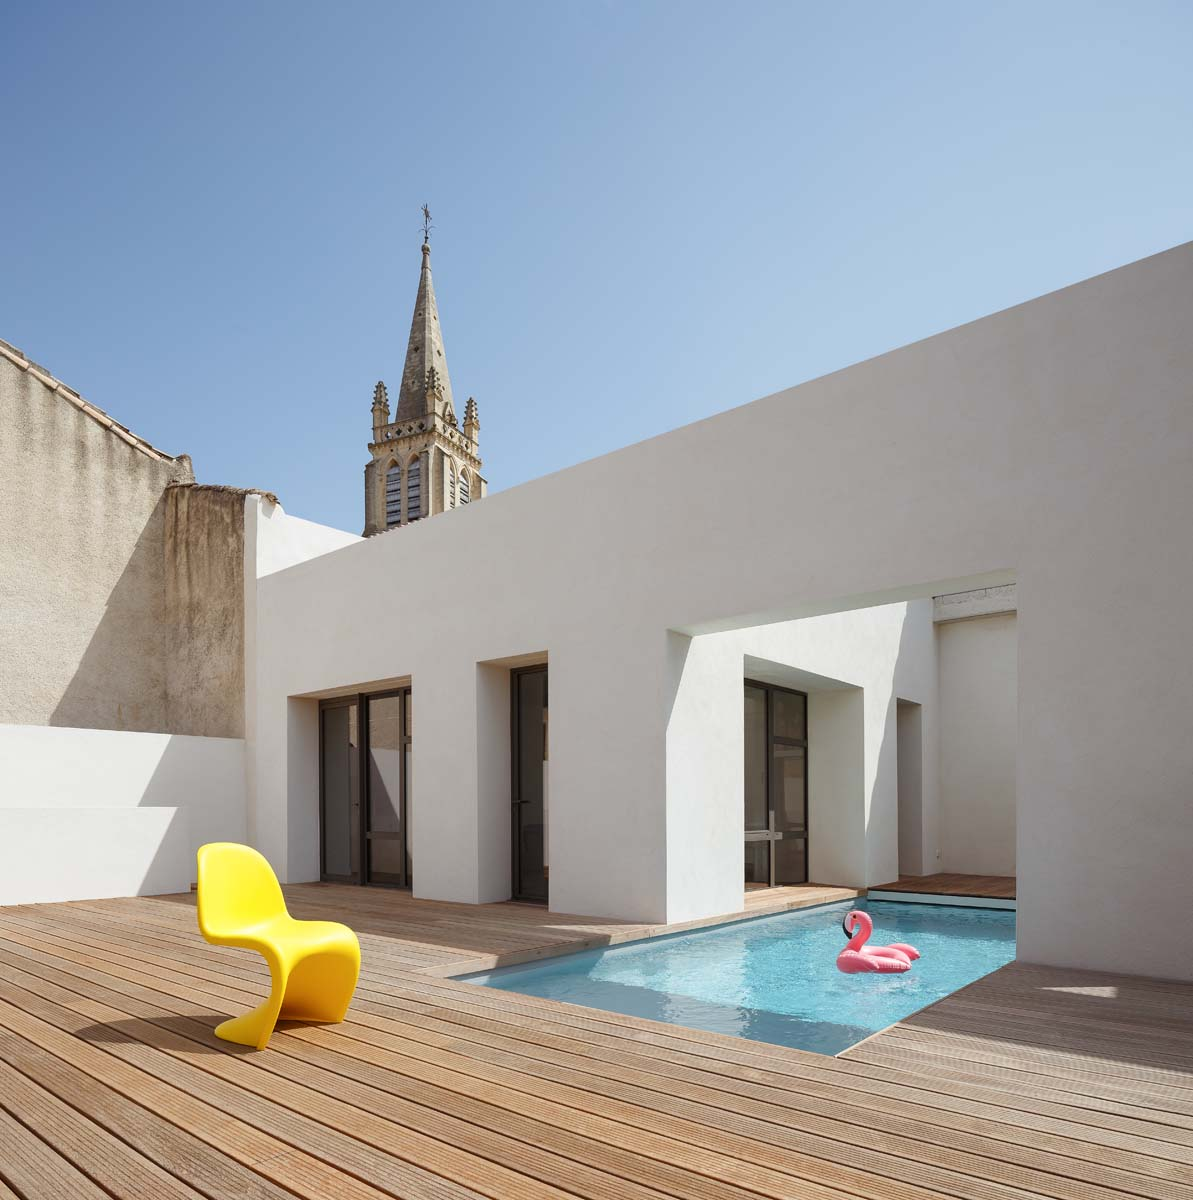 L'ex fienile trasformato in villa con piscina - Foto